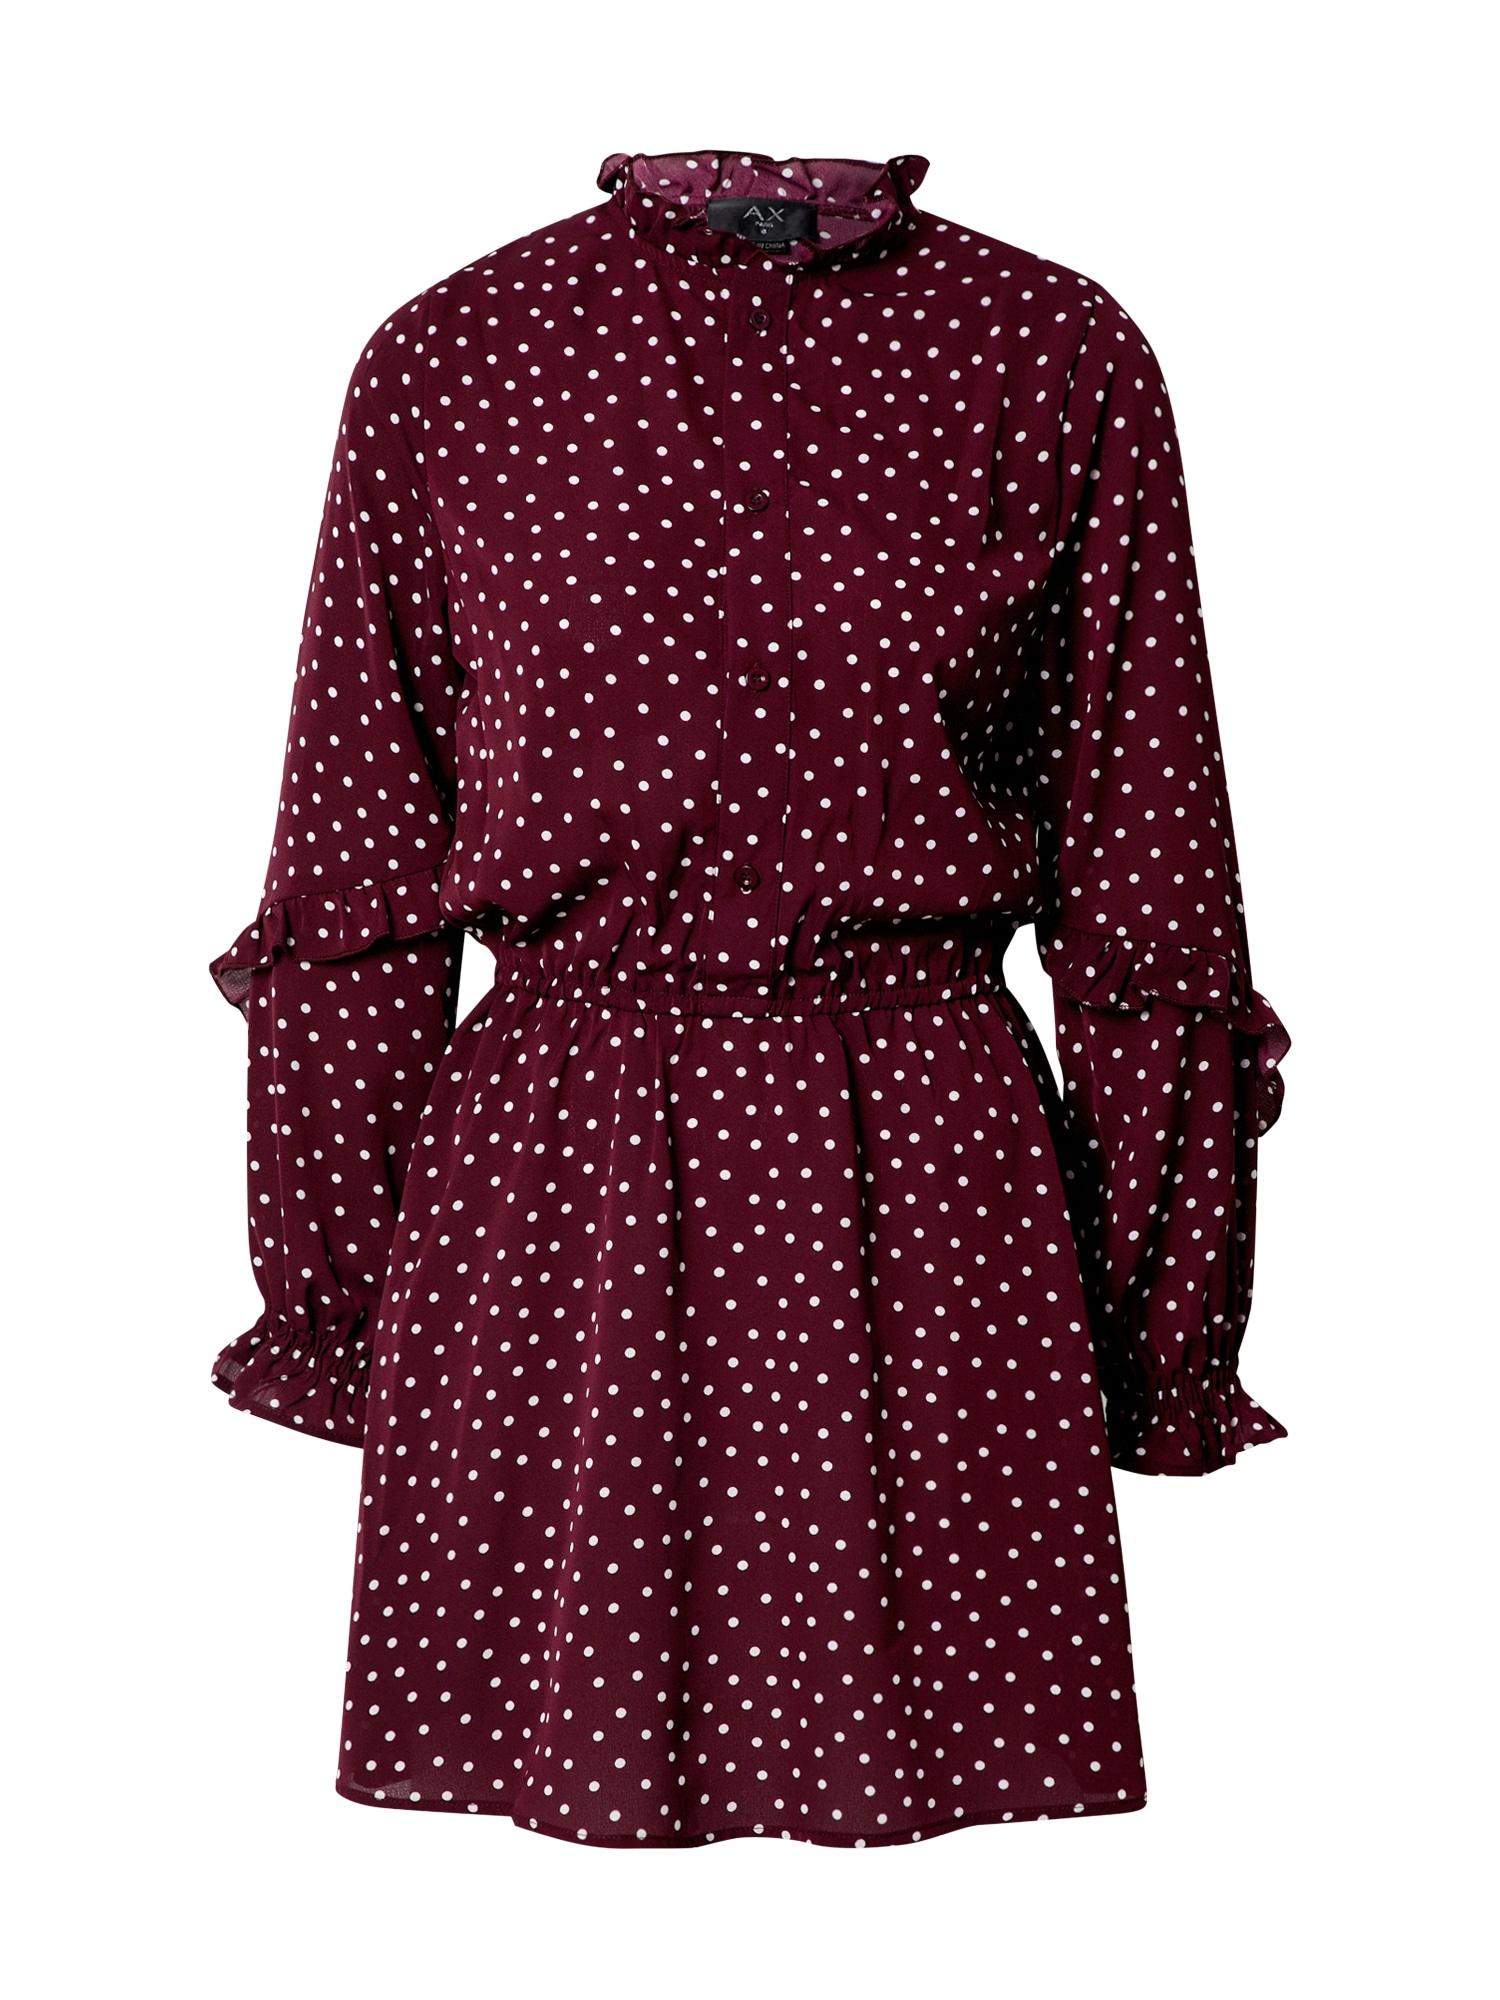 AX Paris Palaidinės tipo suknelė vyno raudona spalva / balta